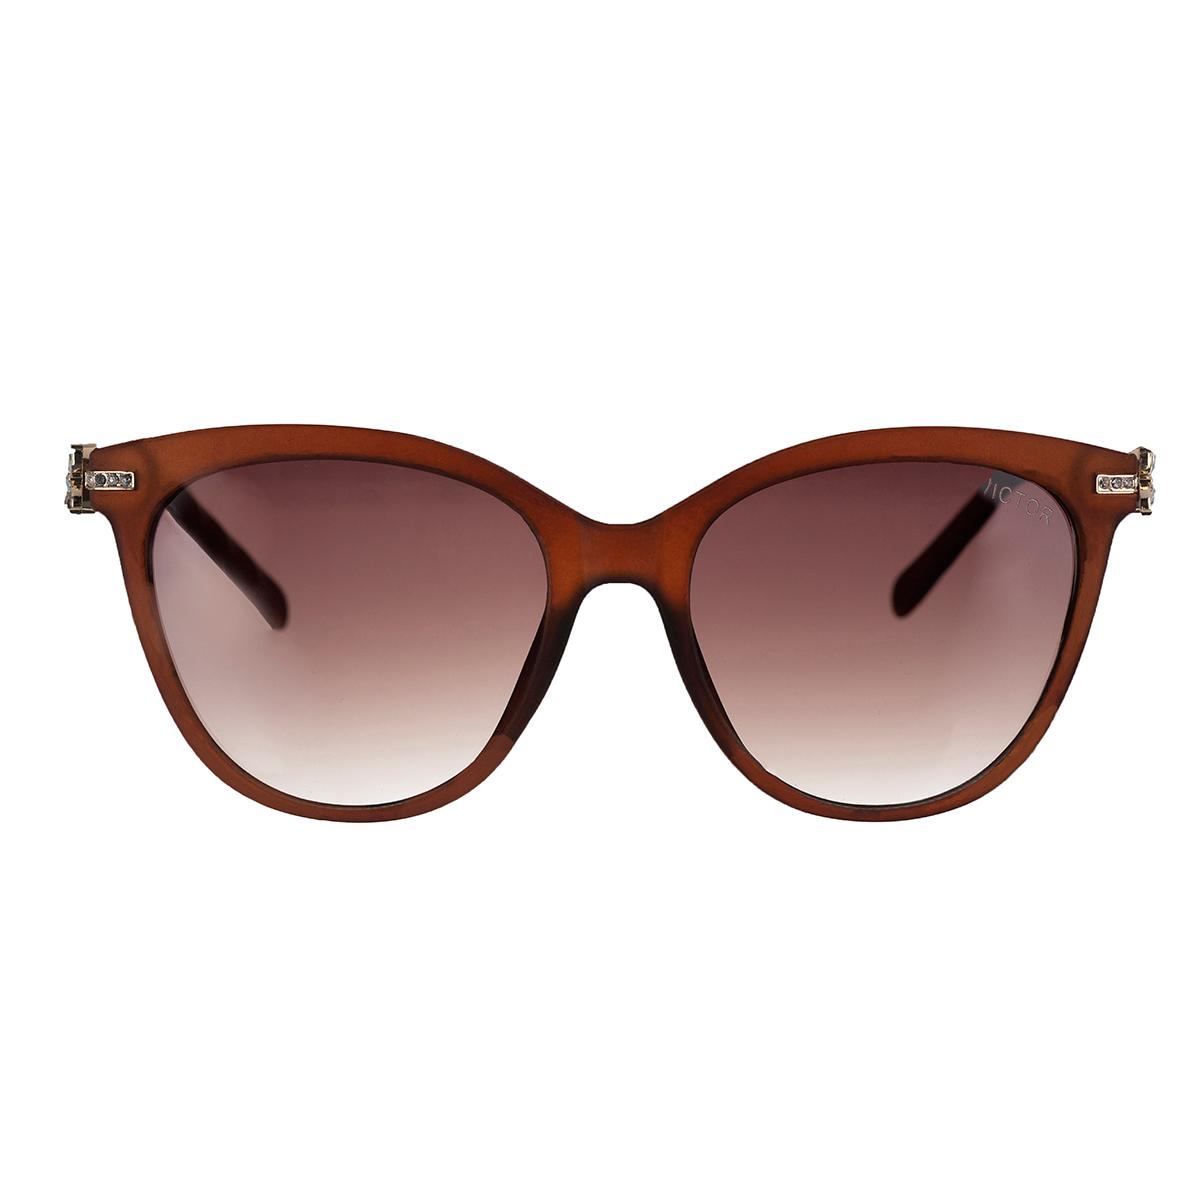 عینک آفتابی زنانه ویکتور کد 2532